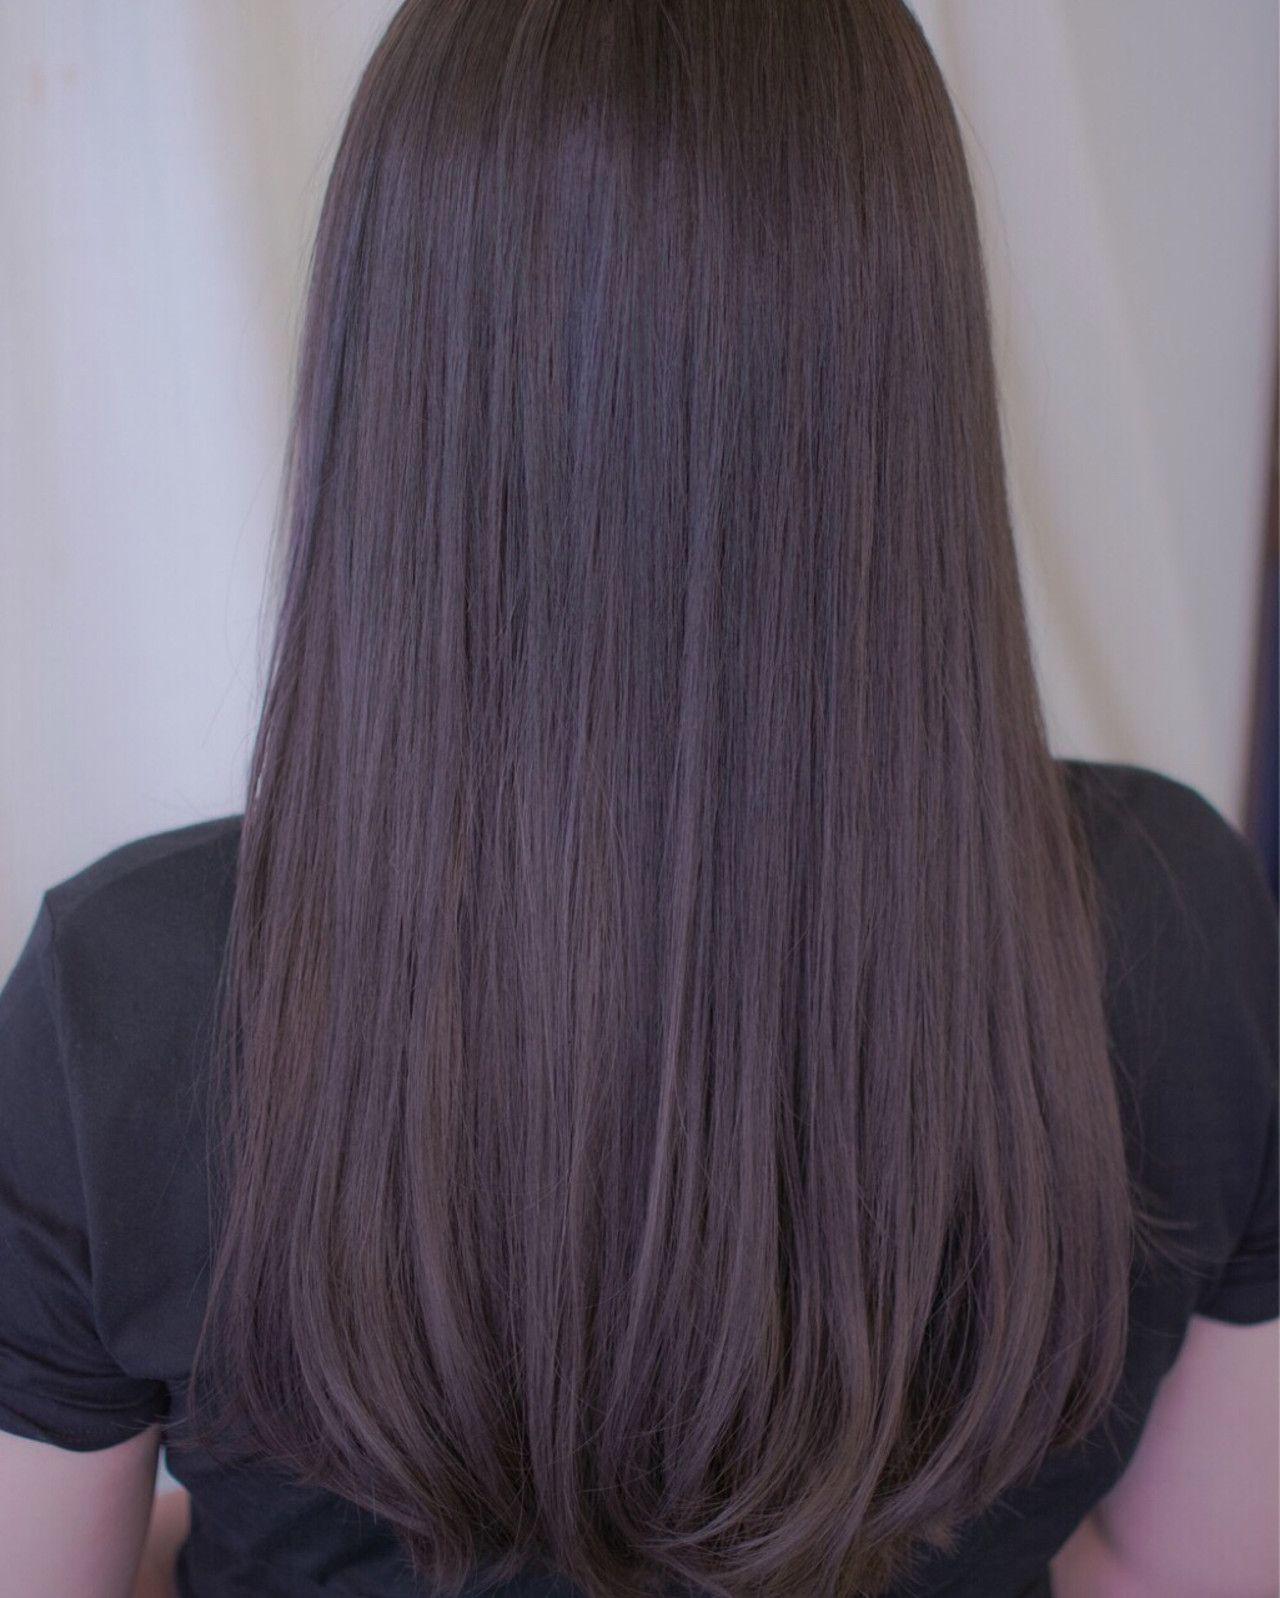 野口 輝 Vicushair 紫 ヘアカラー 髪色 暗め 髪 色